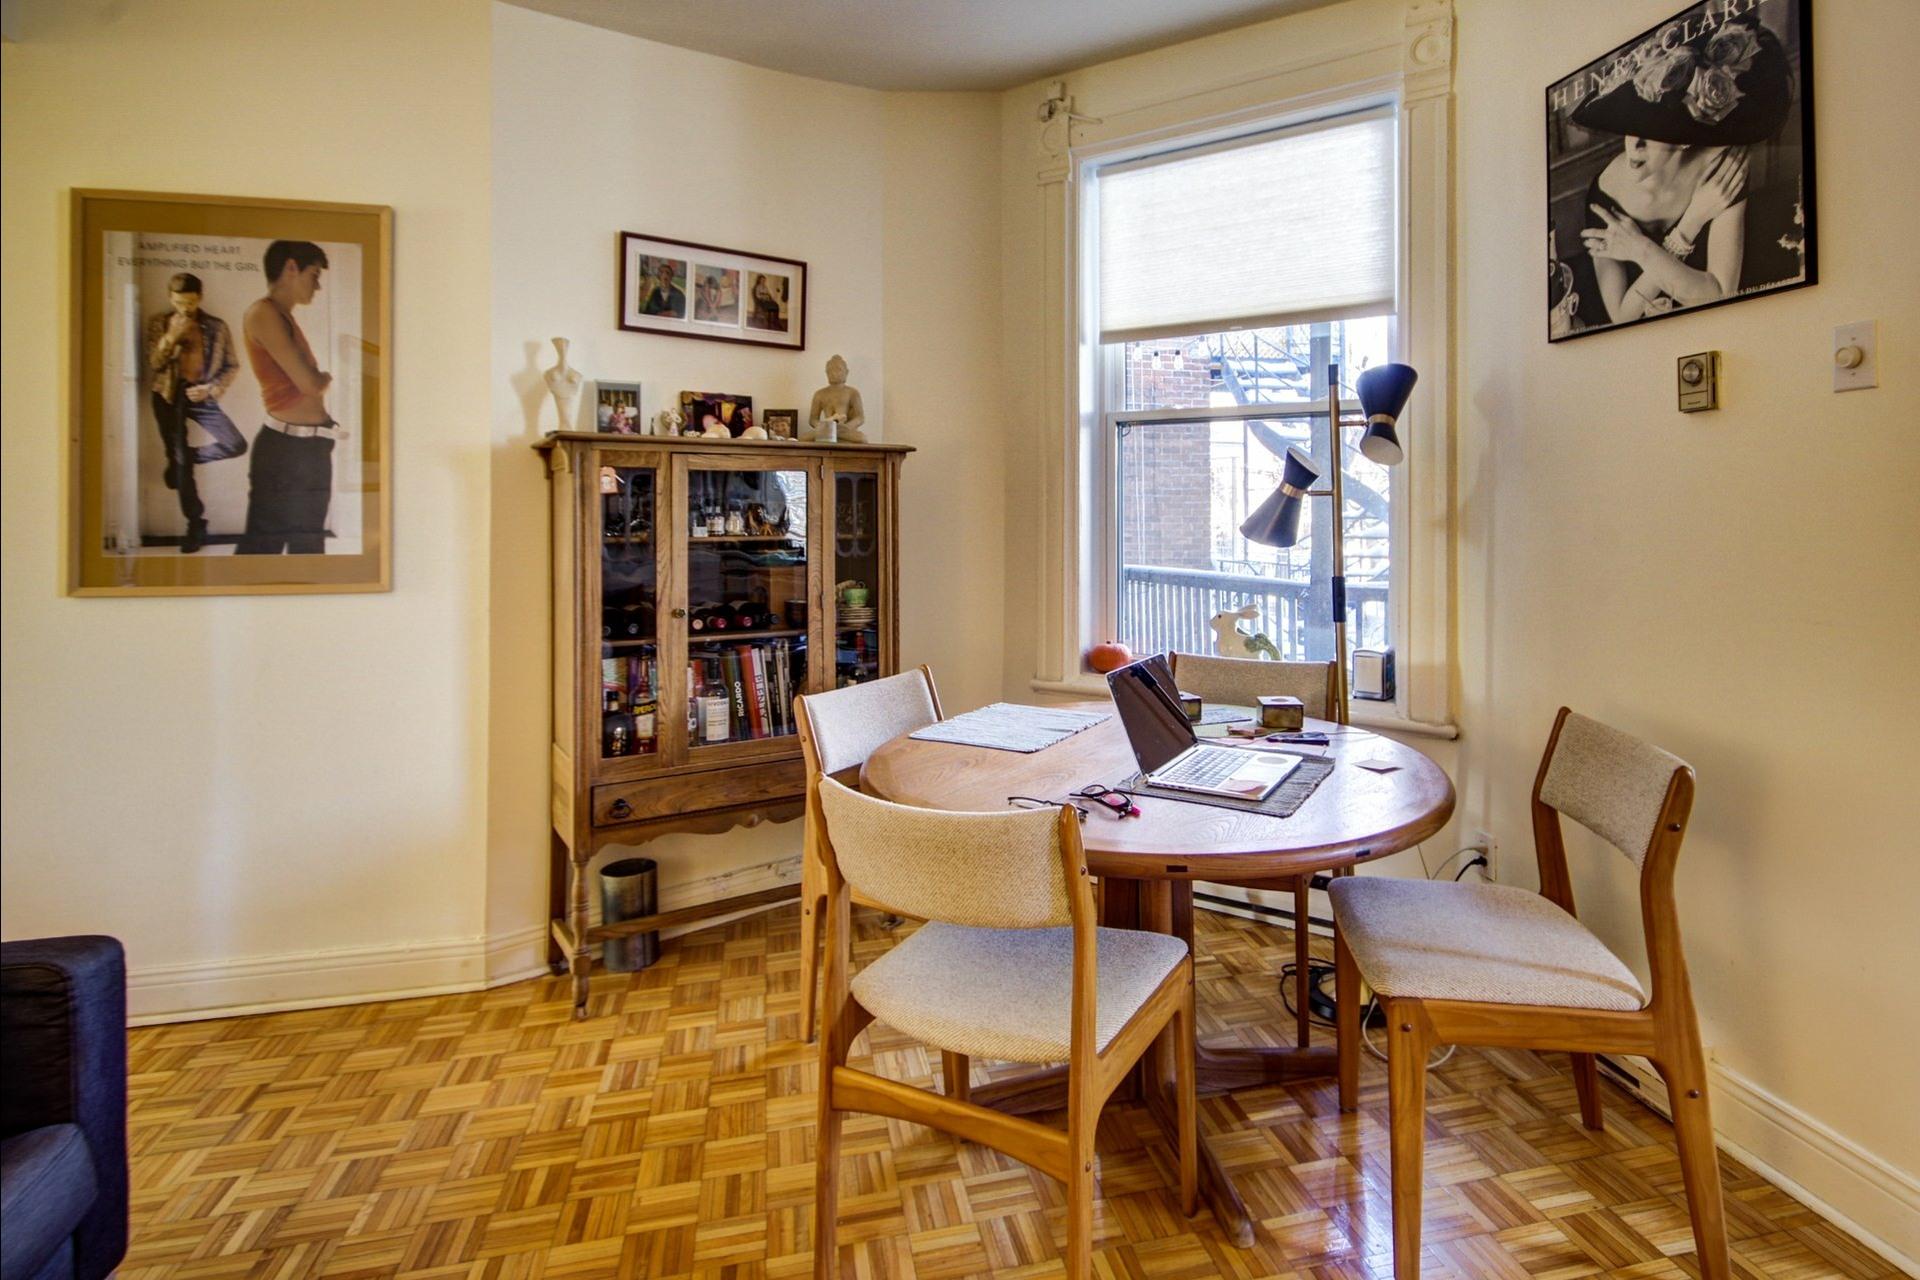 image 13 - Immeuble à revenus À vendre Montréal Le Plateau-Mont-Royal  - 5 pièces